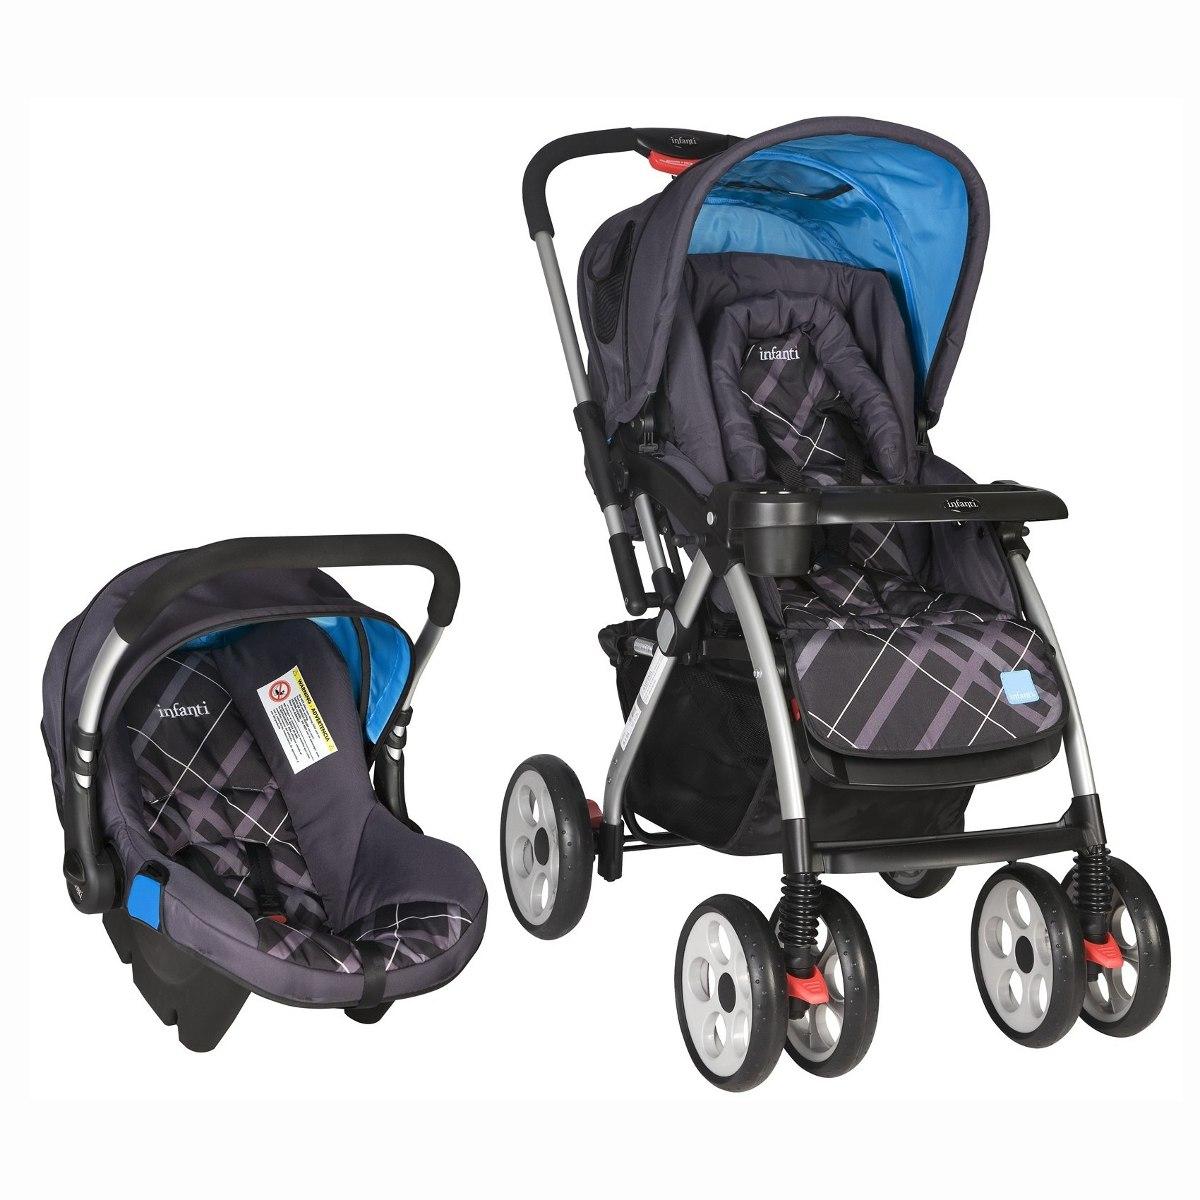 361359463 travel system infanti tucson g750 coche cuna + silla de auto. Cargando zoom.